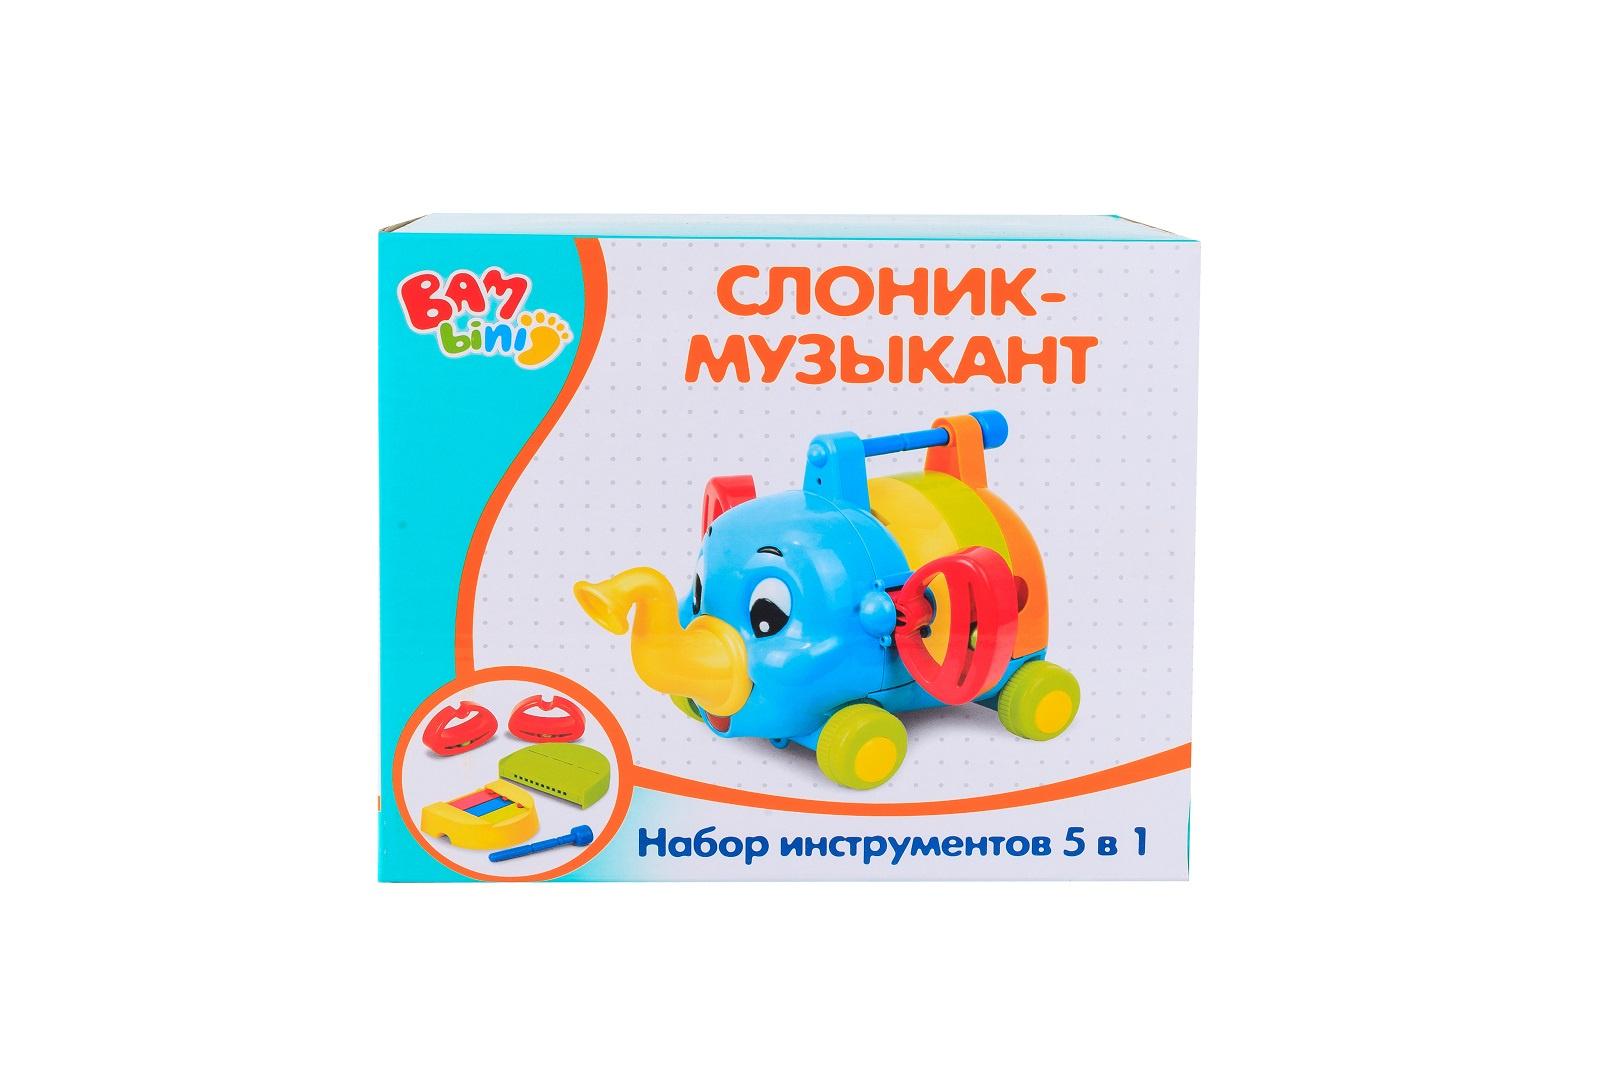 Развивающая игрушка S+S, Музыкальный слоник, 101000950 развивающая игрушка k s kids ковбой